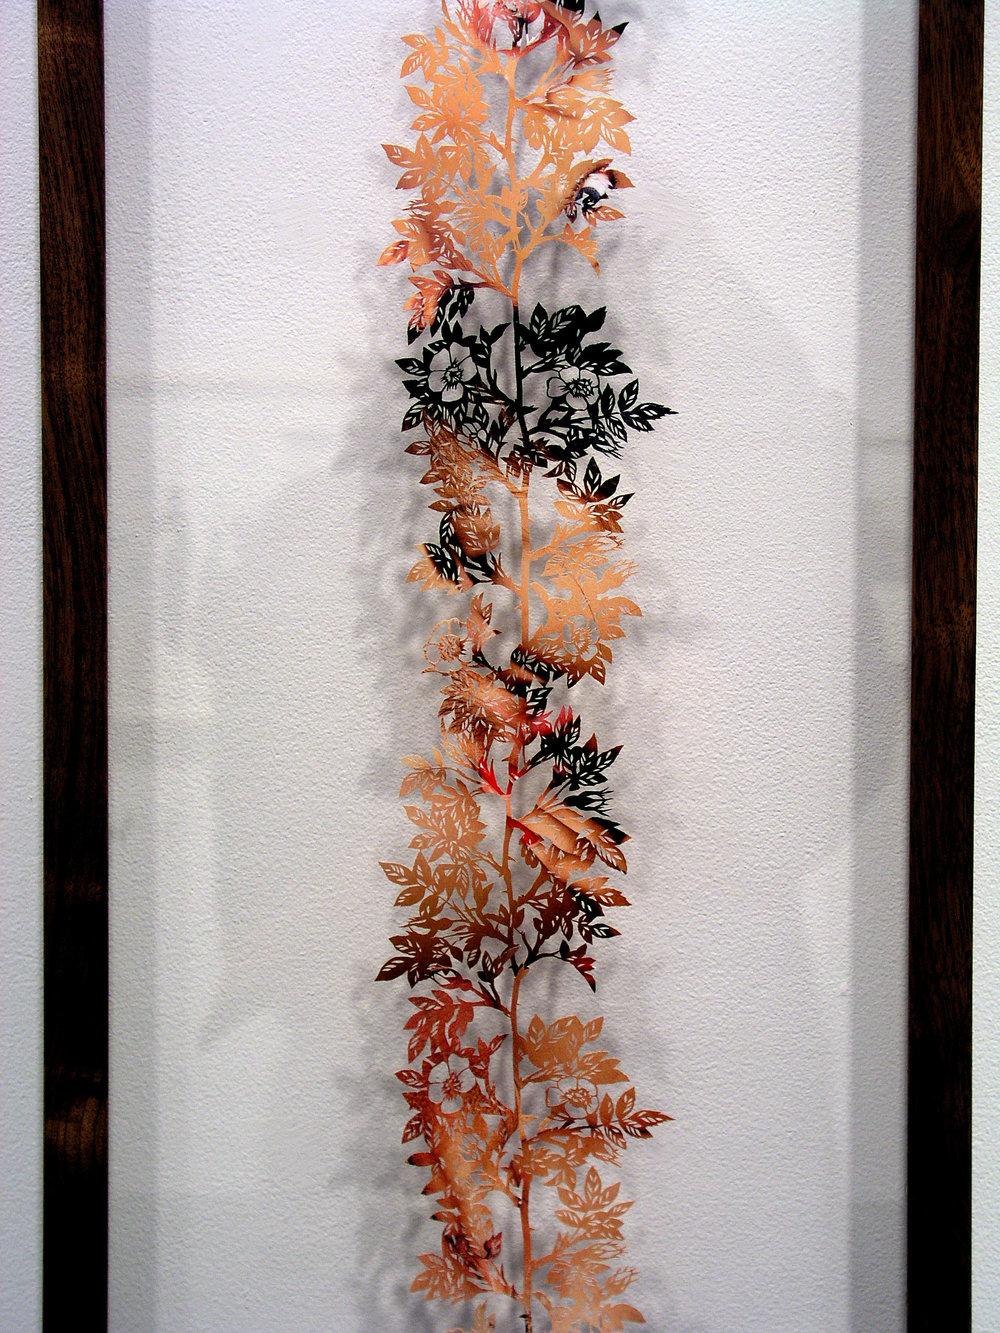 climbing rose, 2004